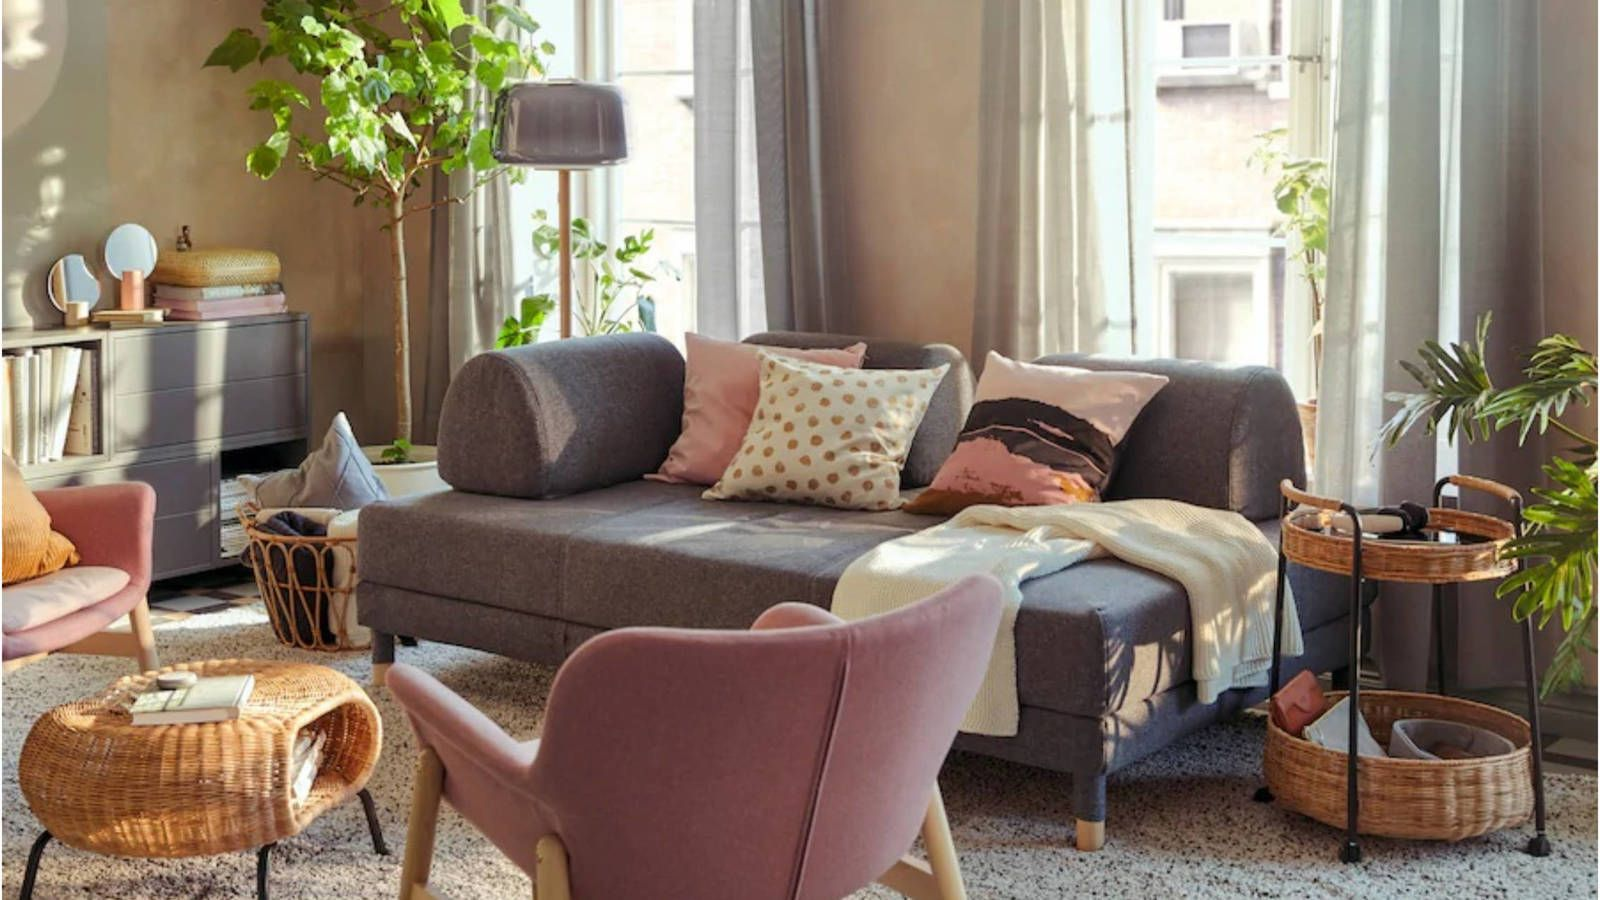 limpieza-de-muebles - muebles de madera siempre perfectos con estos consejos de limpieza de ikea 1